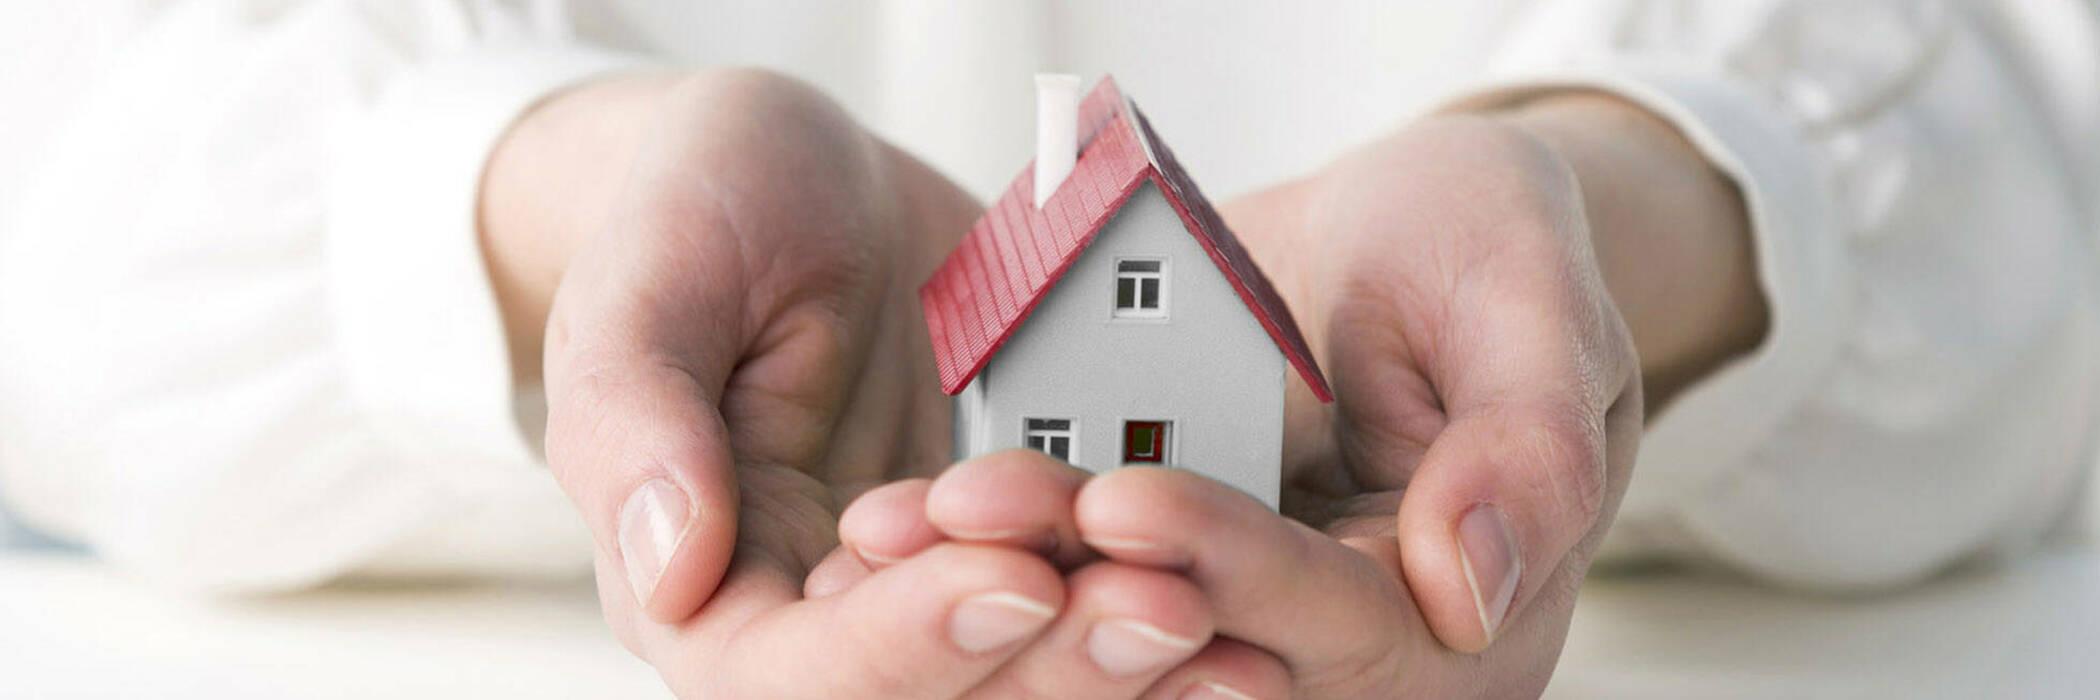 16jun kiwi homes underinsured hero